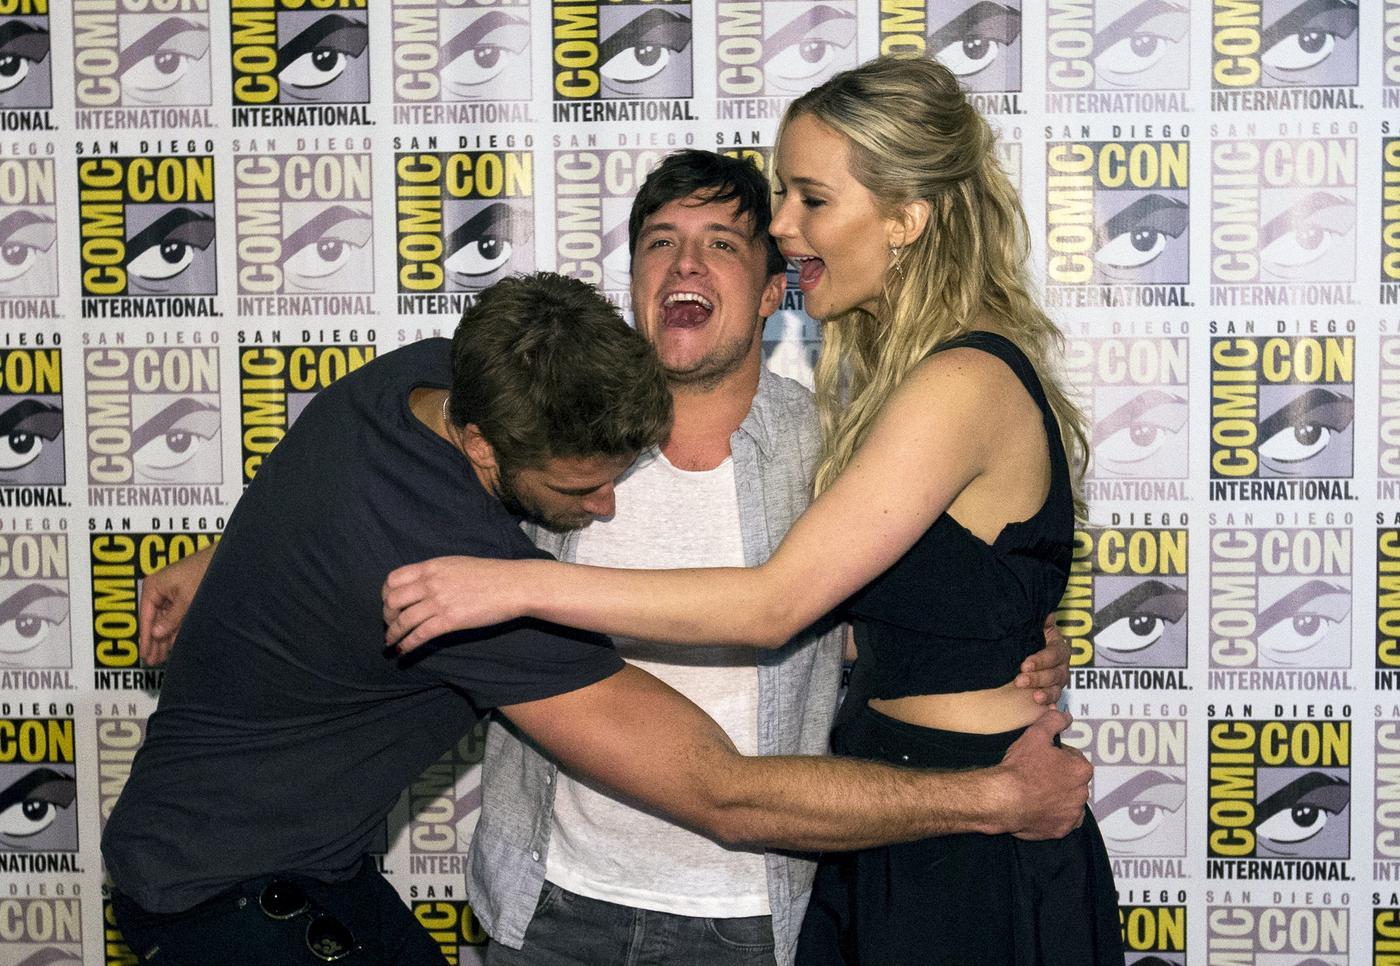 Mockingjay cast at Comic Con